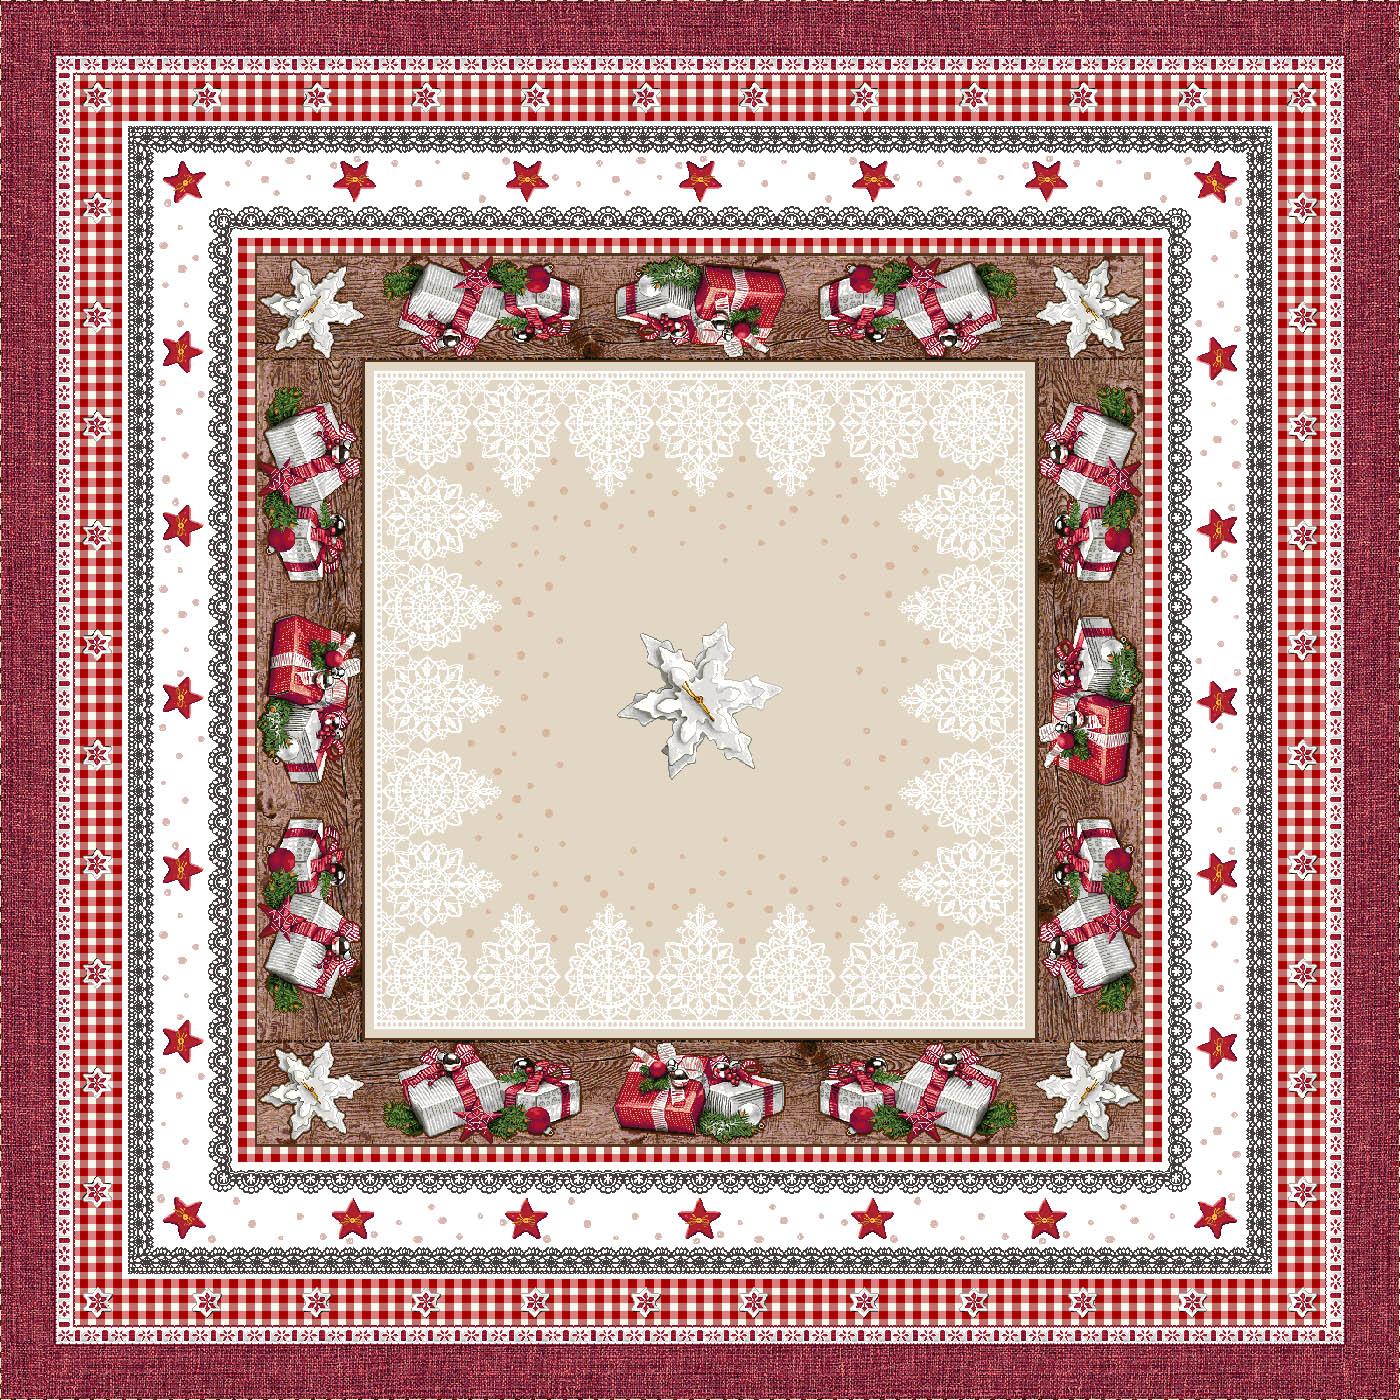 Χριστουγεννιάτικο Τραπεζομάντηλο 140x140 Cosmin Andrea Lurex